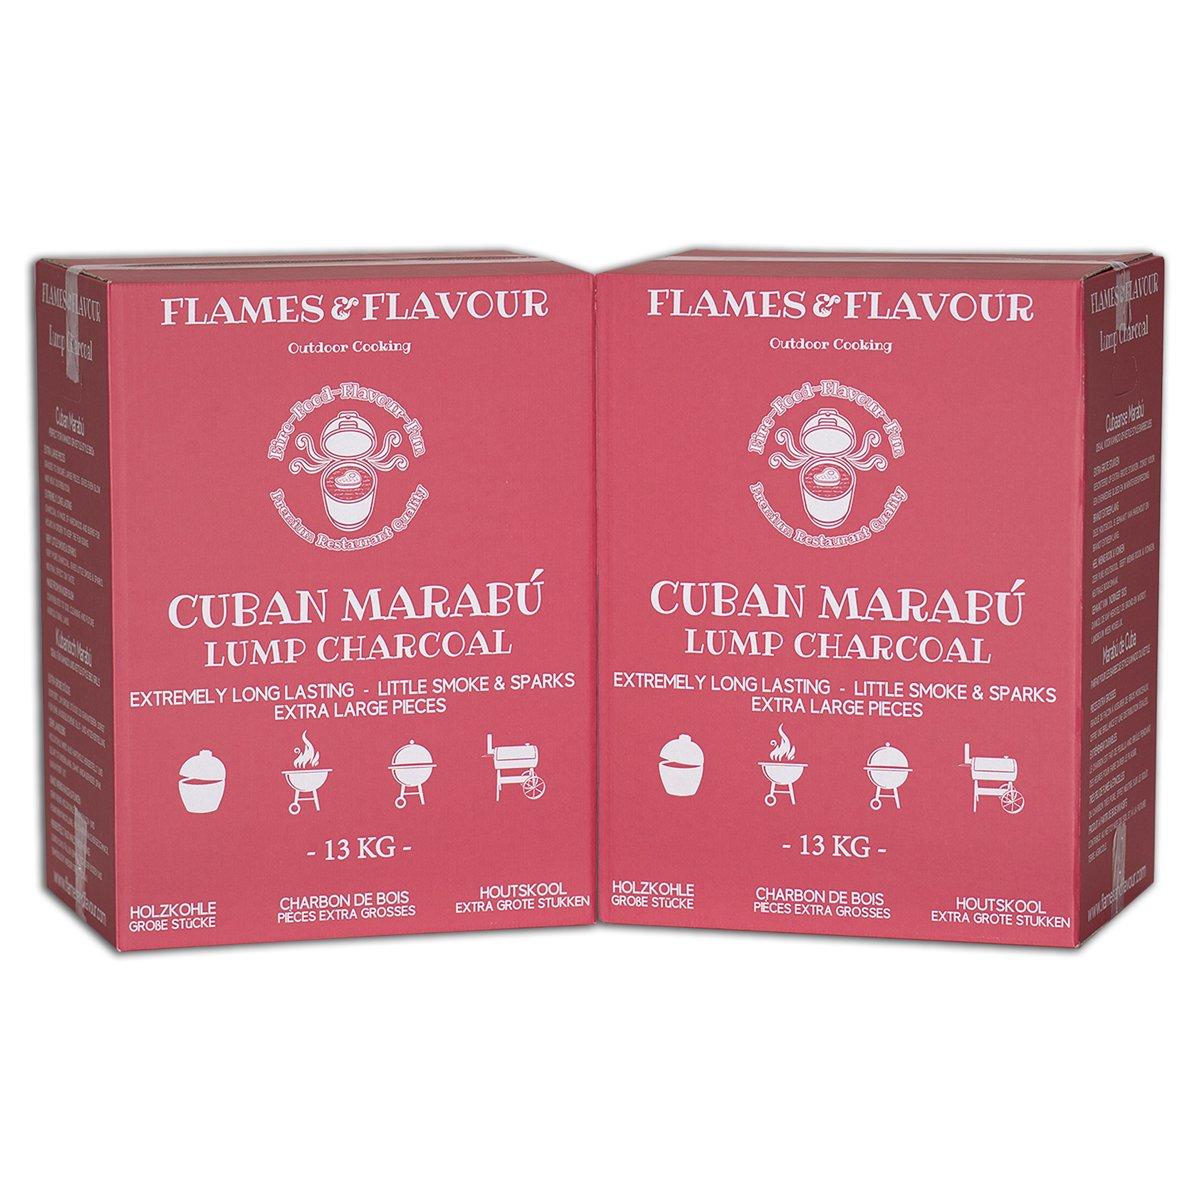 Cubaanse Marabu Houtskool Volume Voordeel 26 KG van Flames & Flavour Premium Restaurant Houtskool kopen